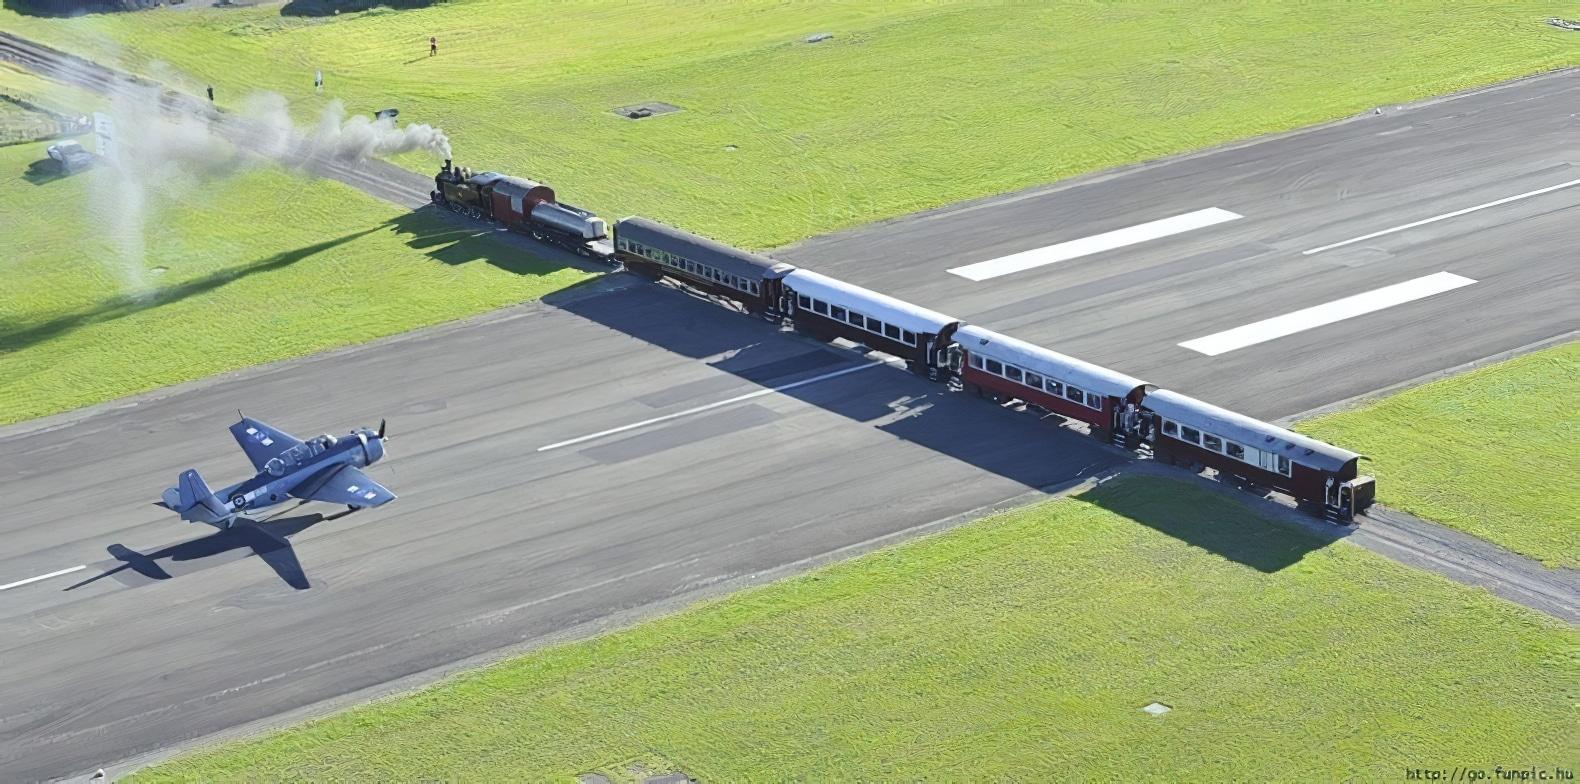 Aéroport Gisborne, avion train Nouvelle-Zélande